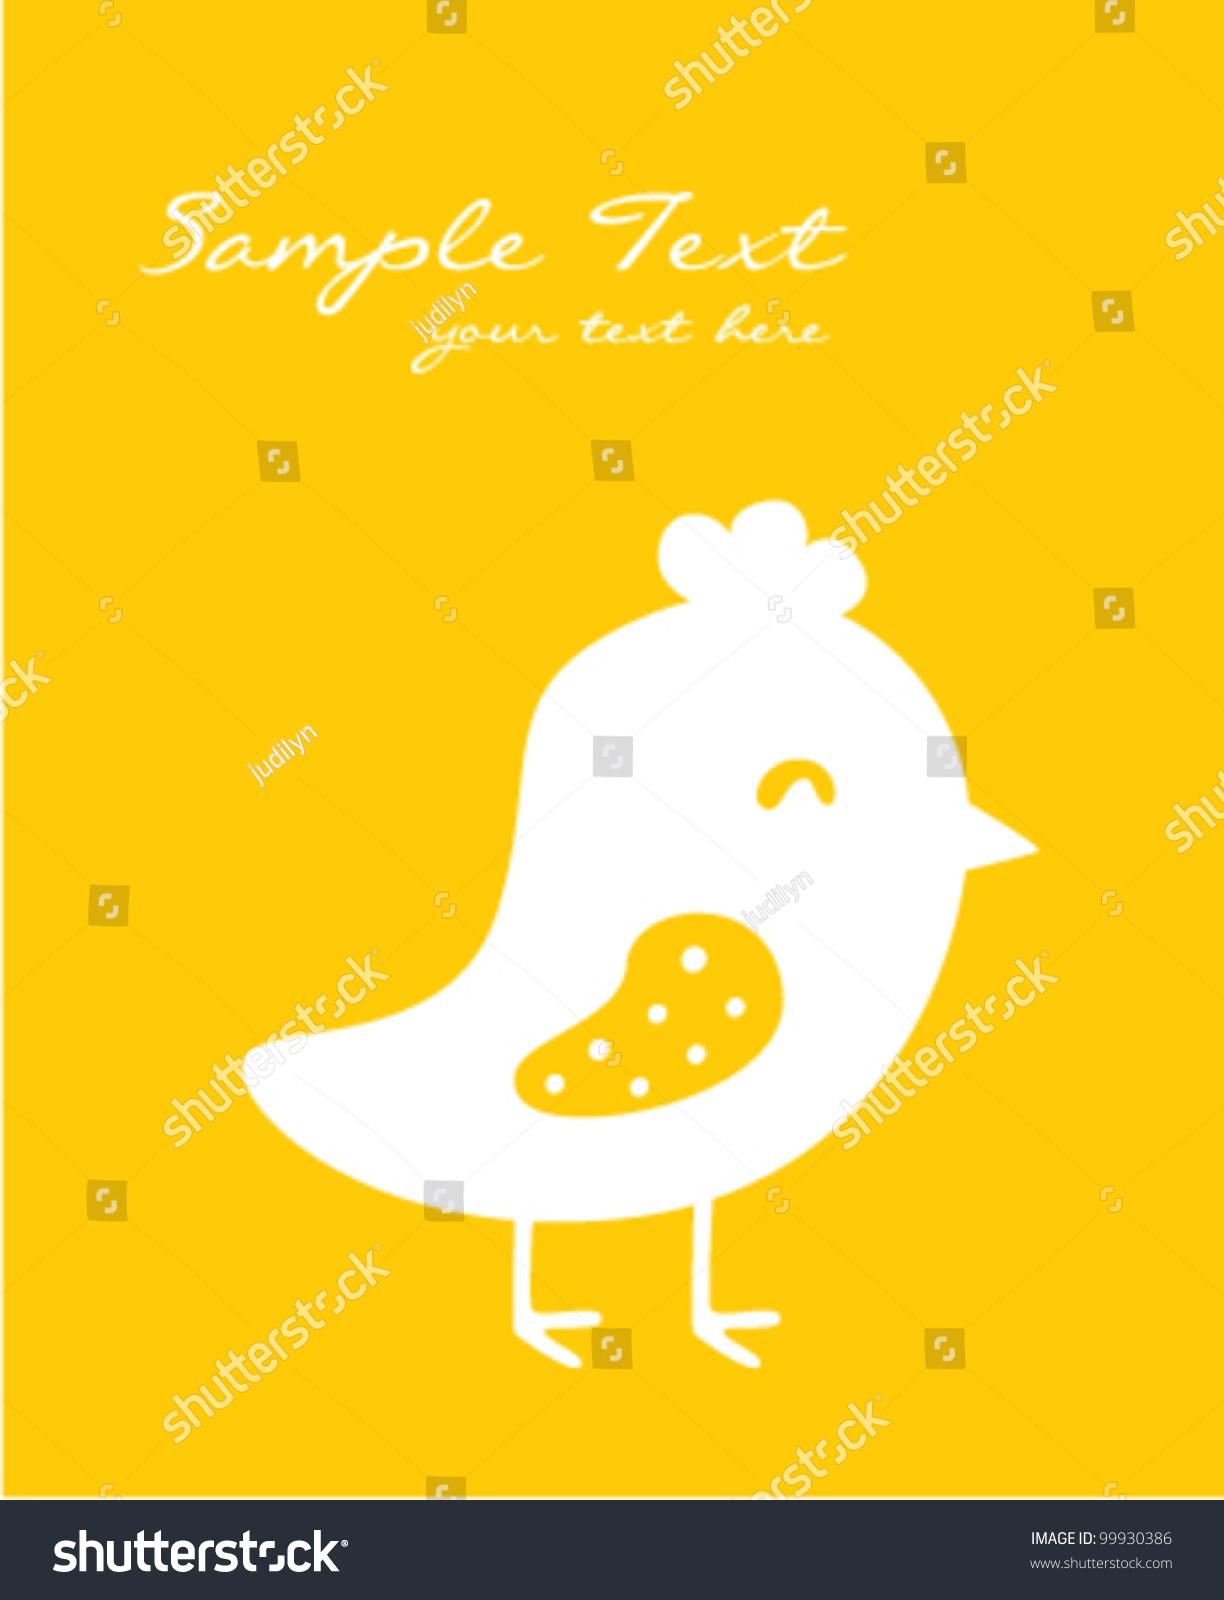 可爱的小鸡肉卡-动物/野生生物,艺术-海洛创意()-中国